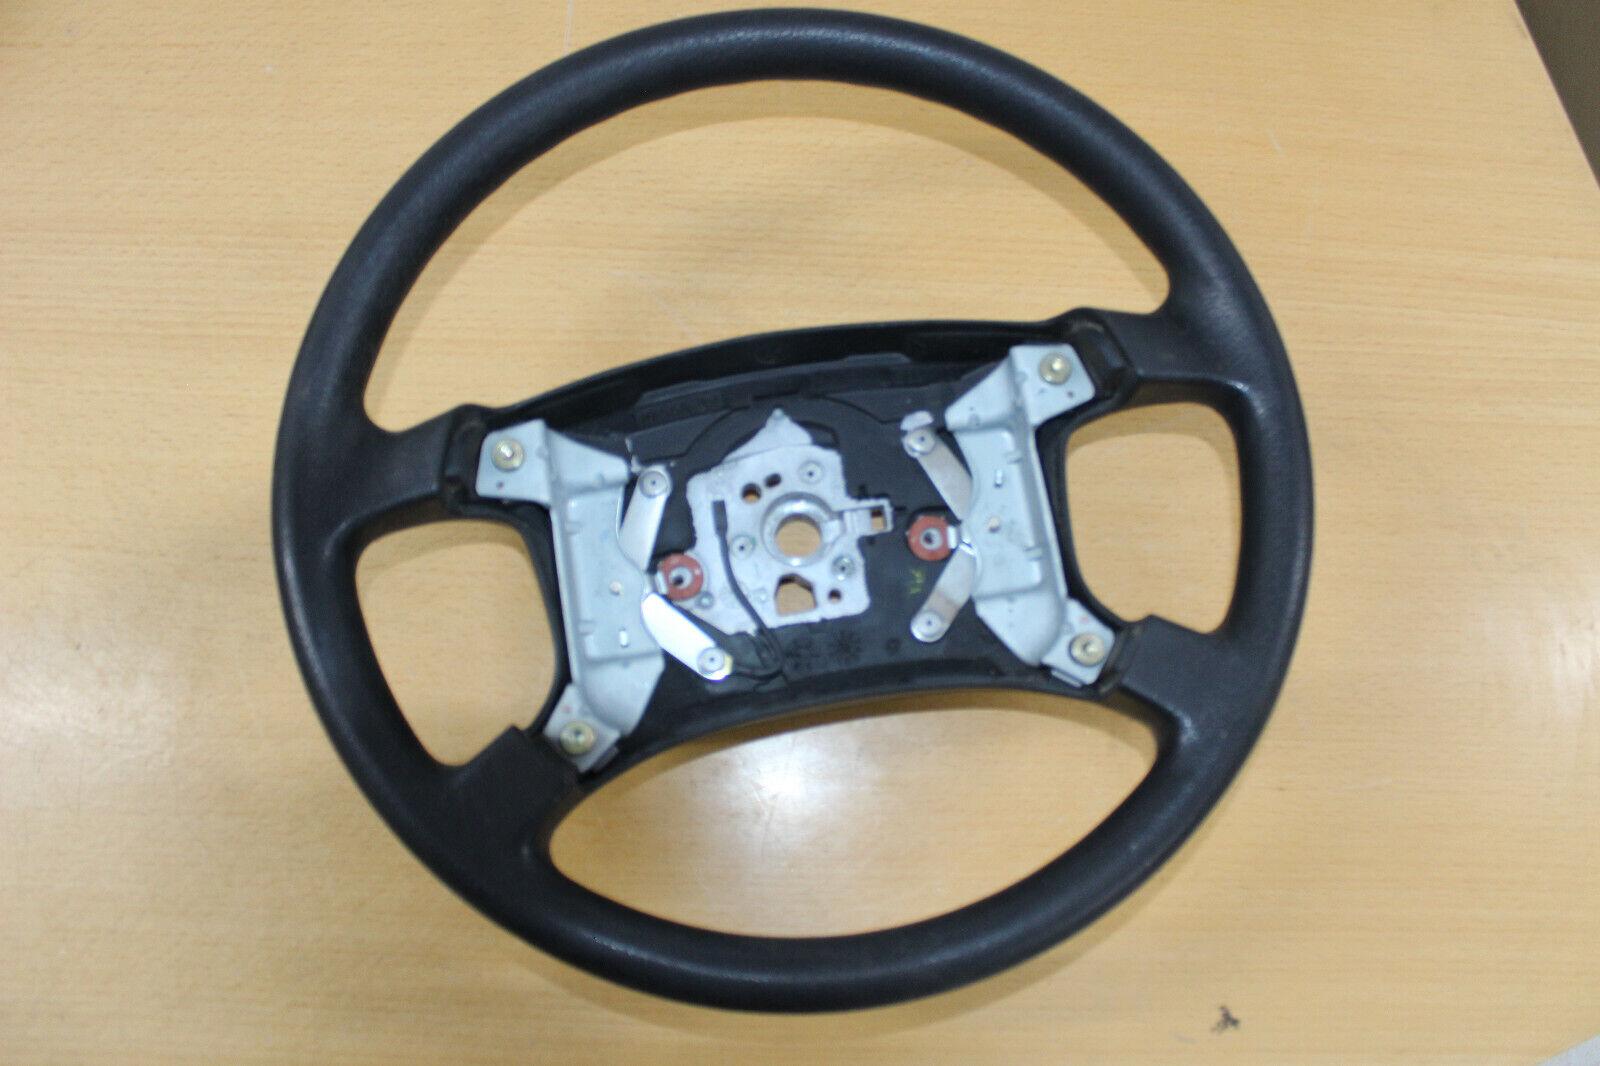 BMW E36 Steering Wheel 4 Spokes Sports Steering Wheel